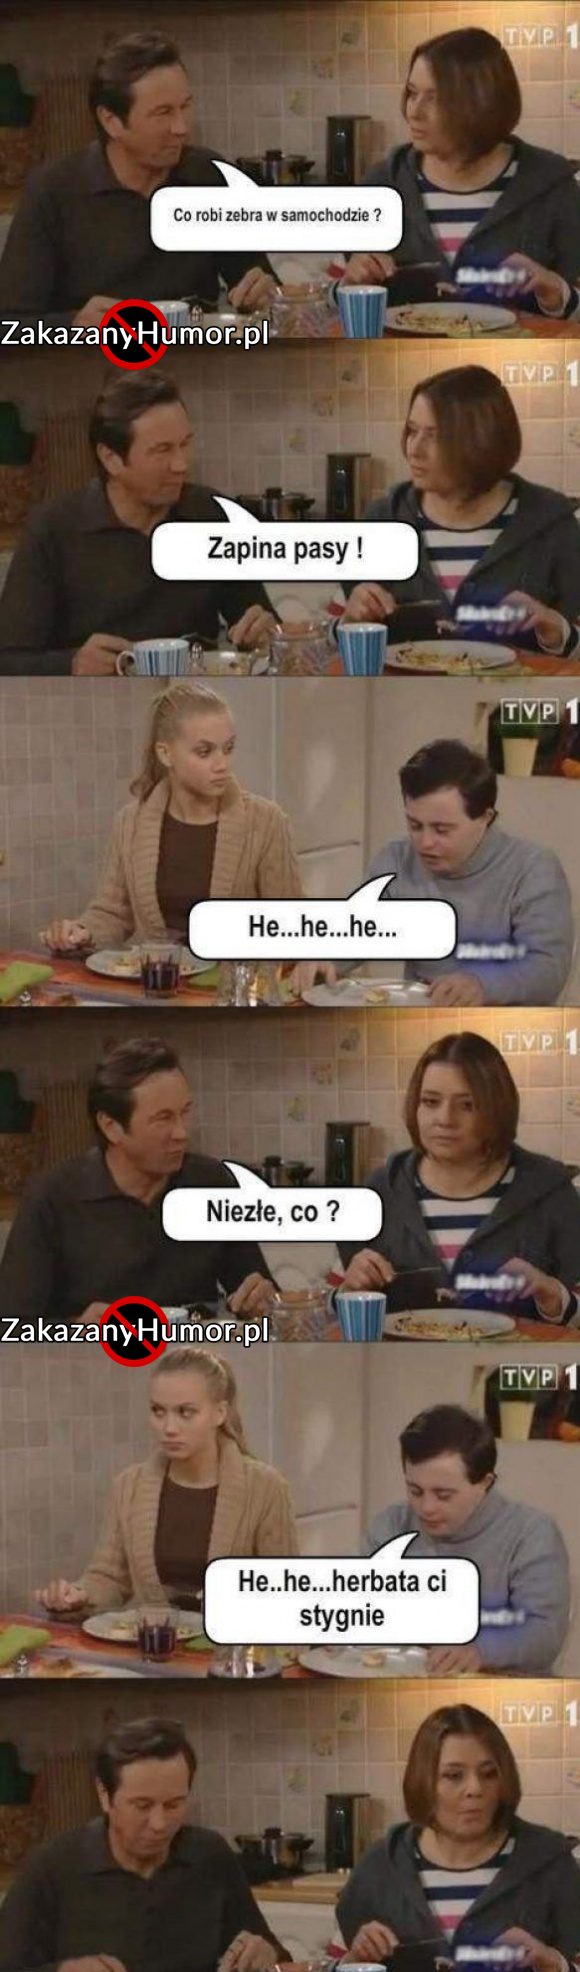 dialogi-w-polskich-serialach